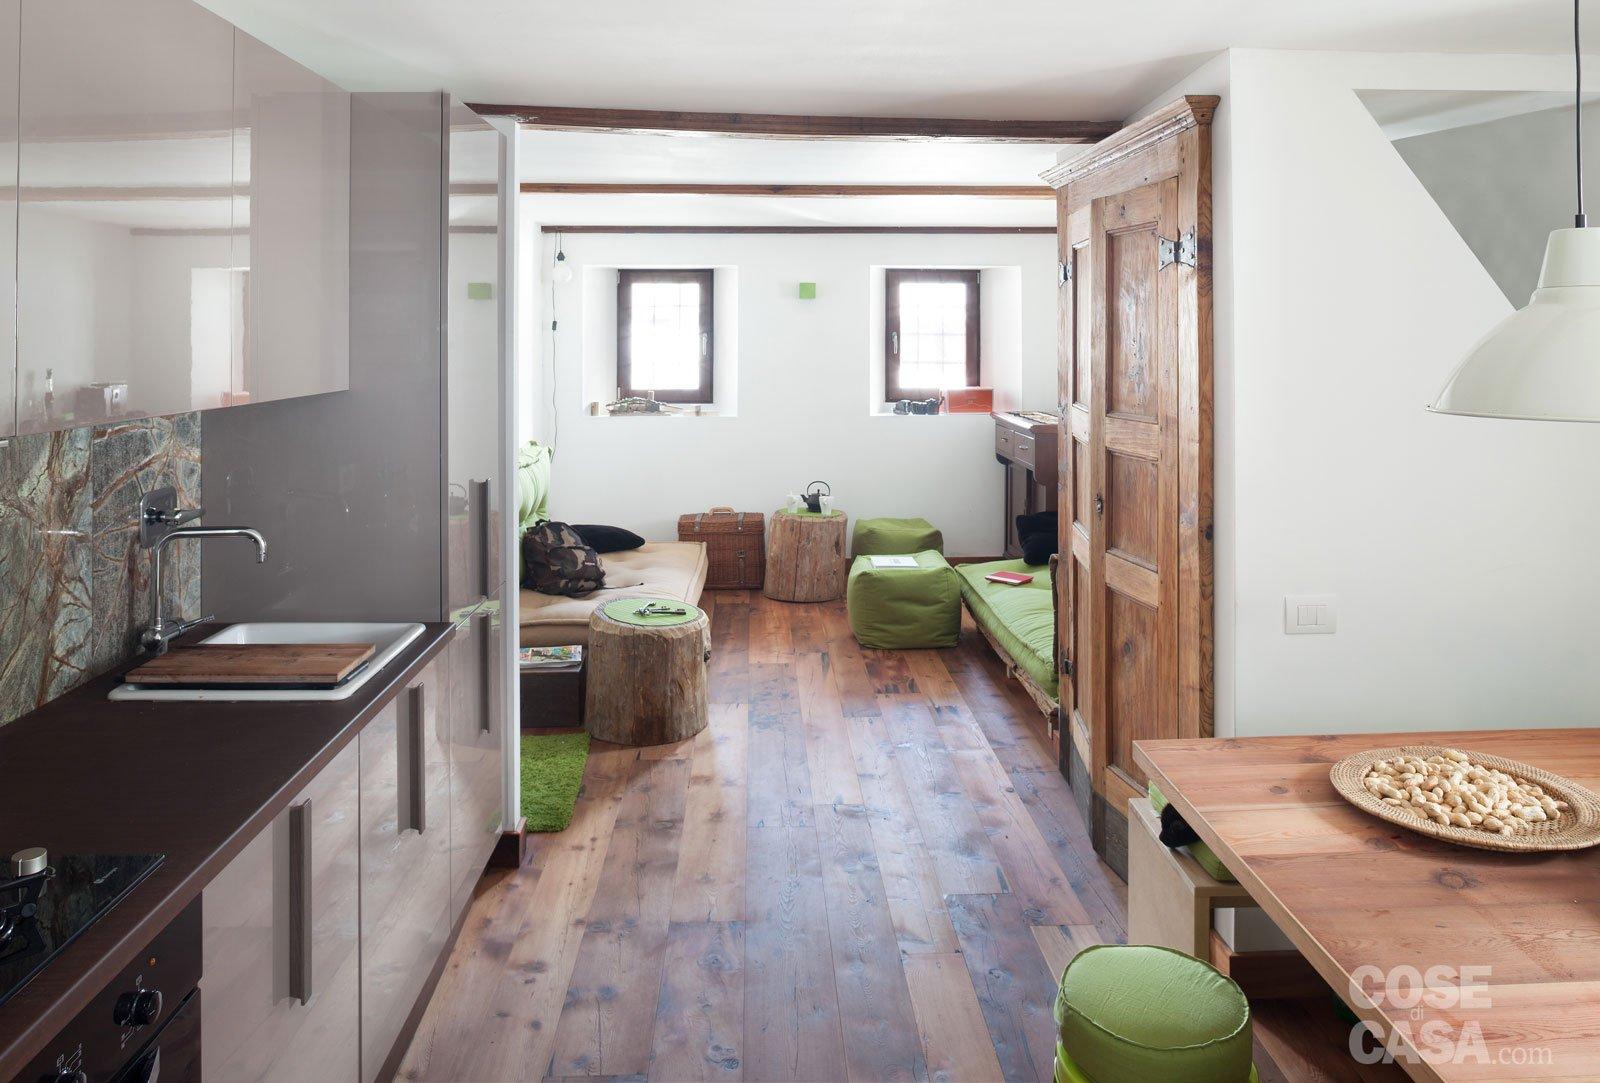 30 30 mq restauro di una tipica casa di montagna cose - Cucina in casa ...